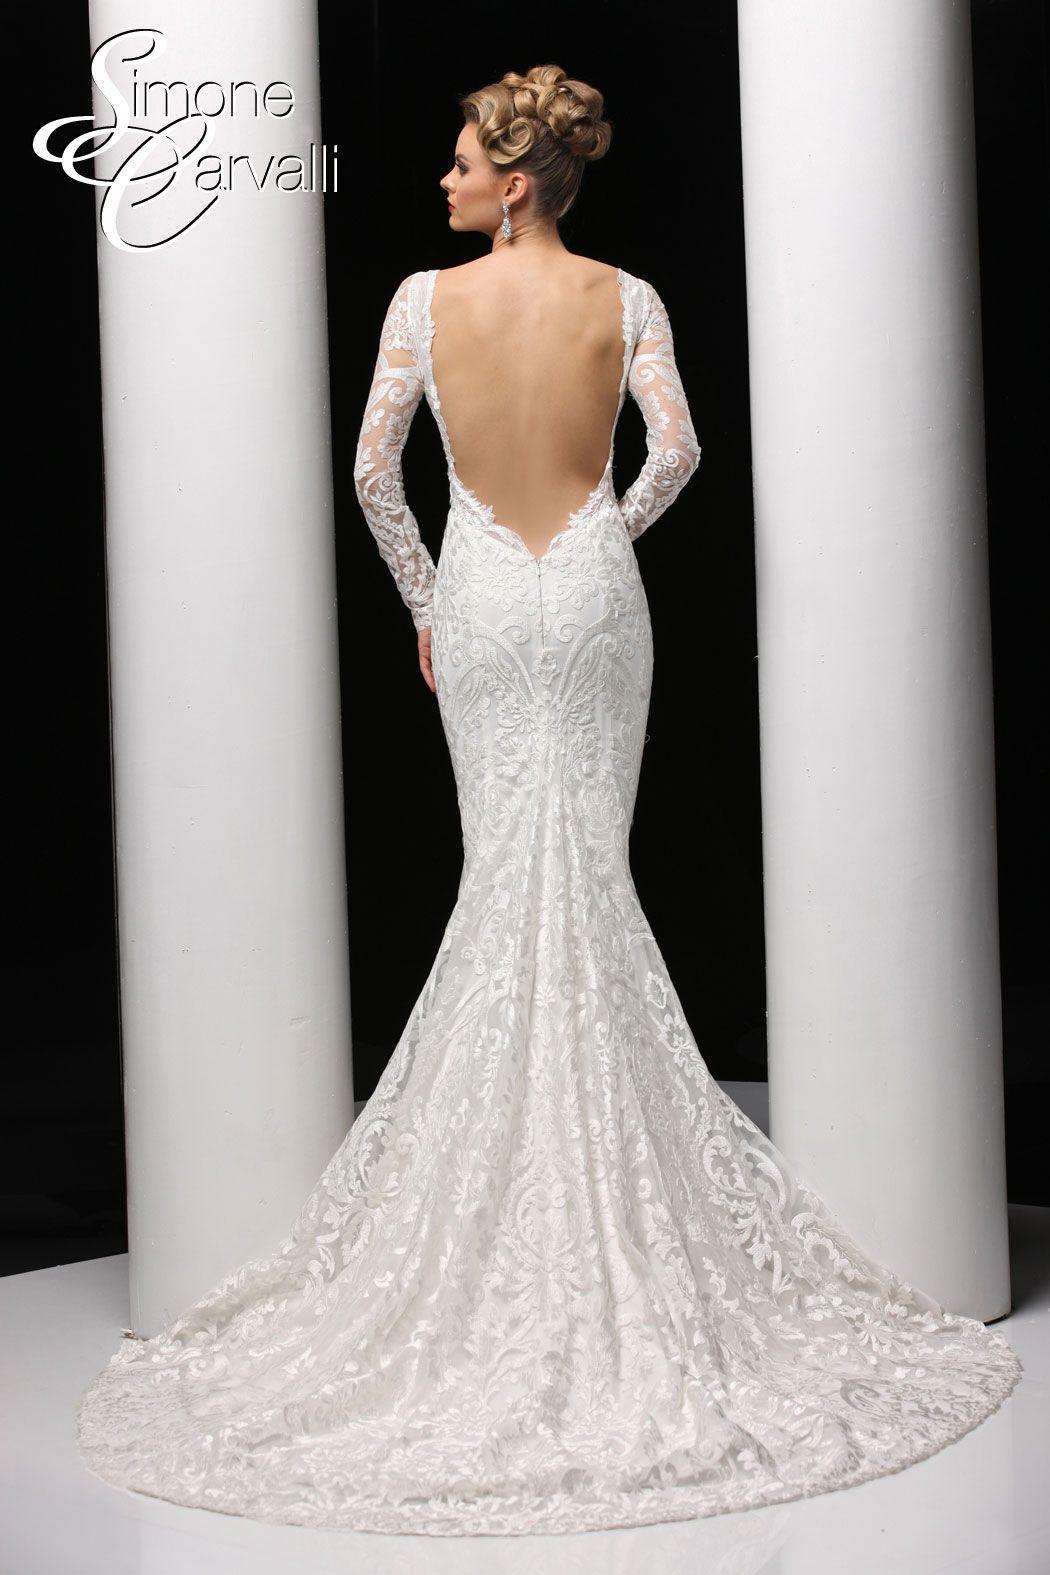 Simone Carvalli Wedding Gown